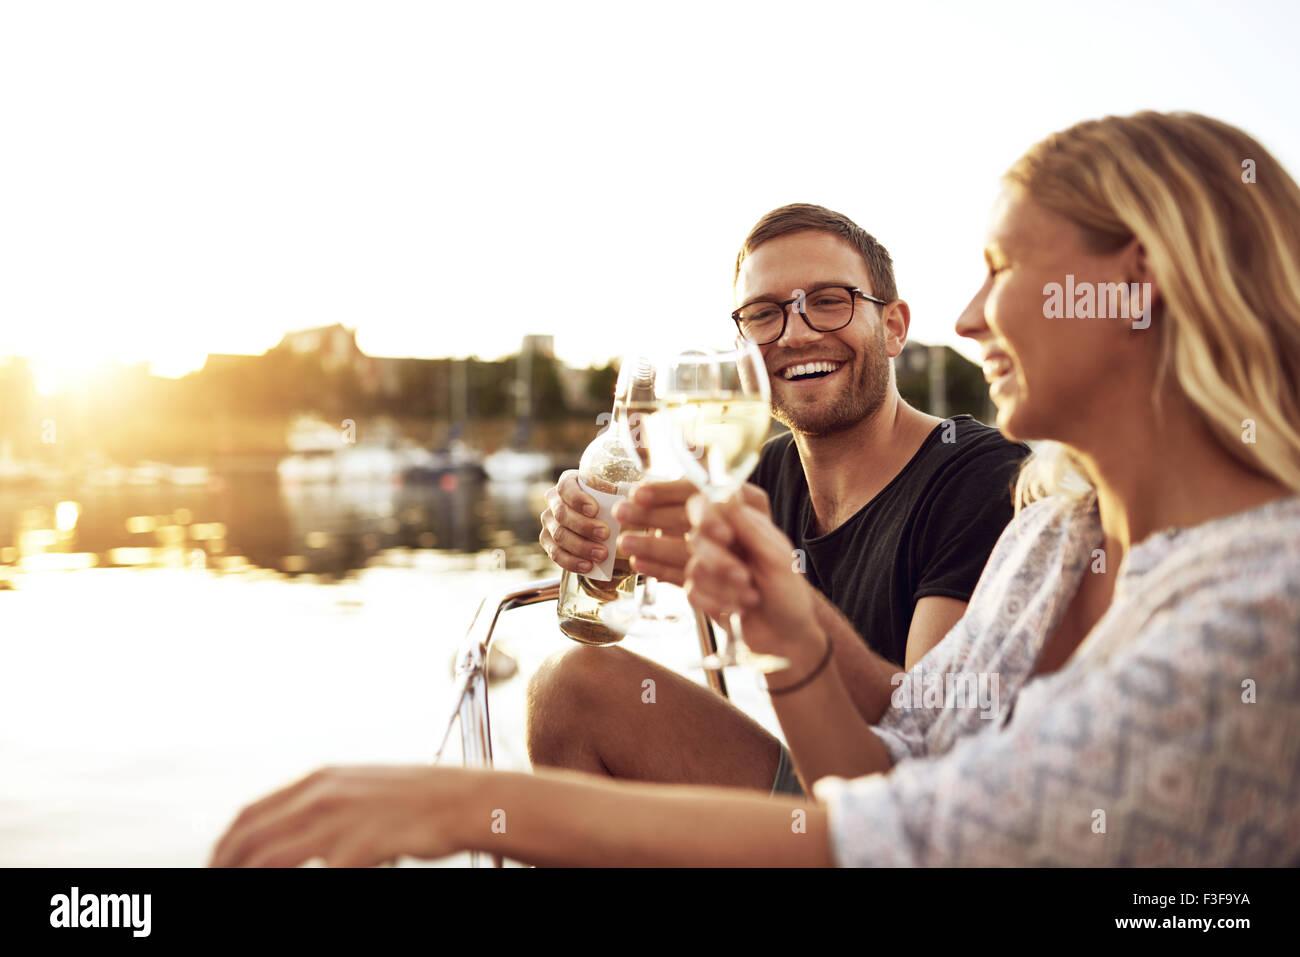 Heureux couple toasting verres sur une soirée d'été Photo Stock